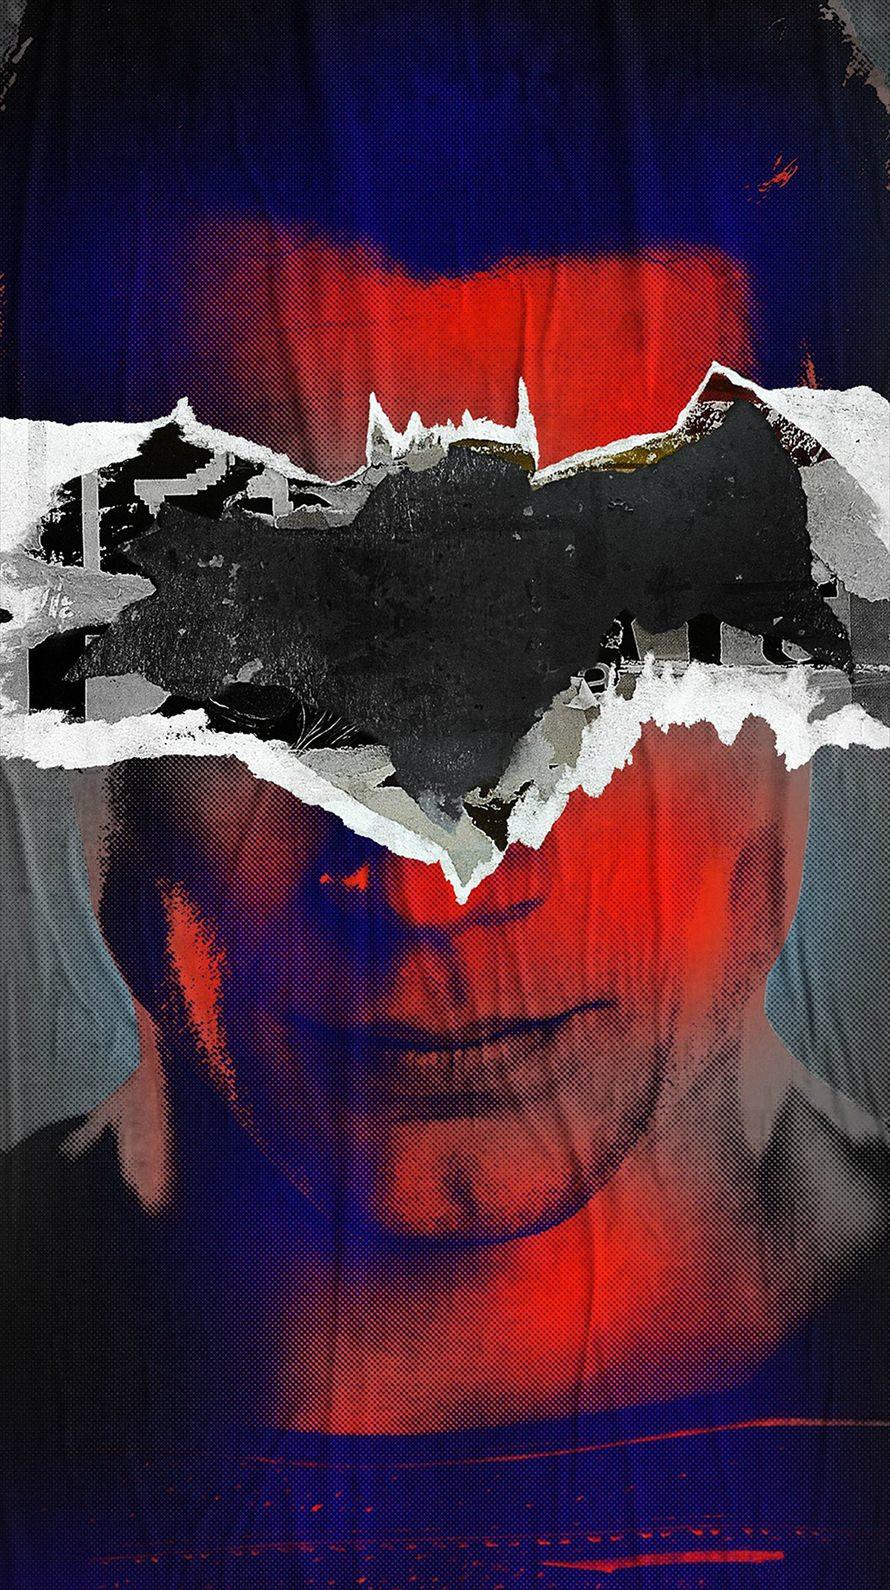 バッドマン スパイダーマン iPhone6壁紙